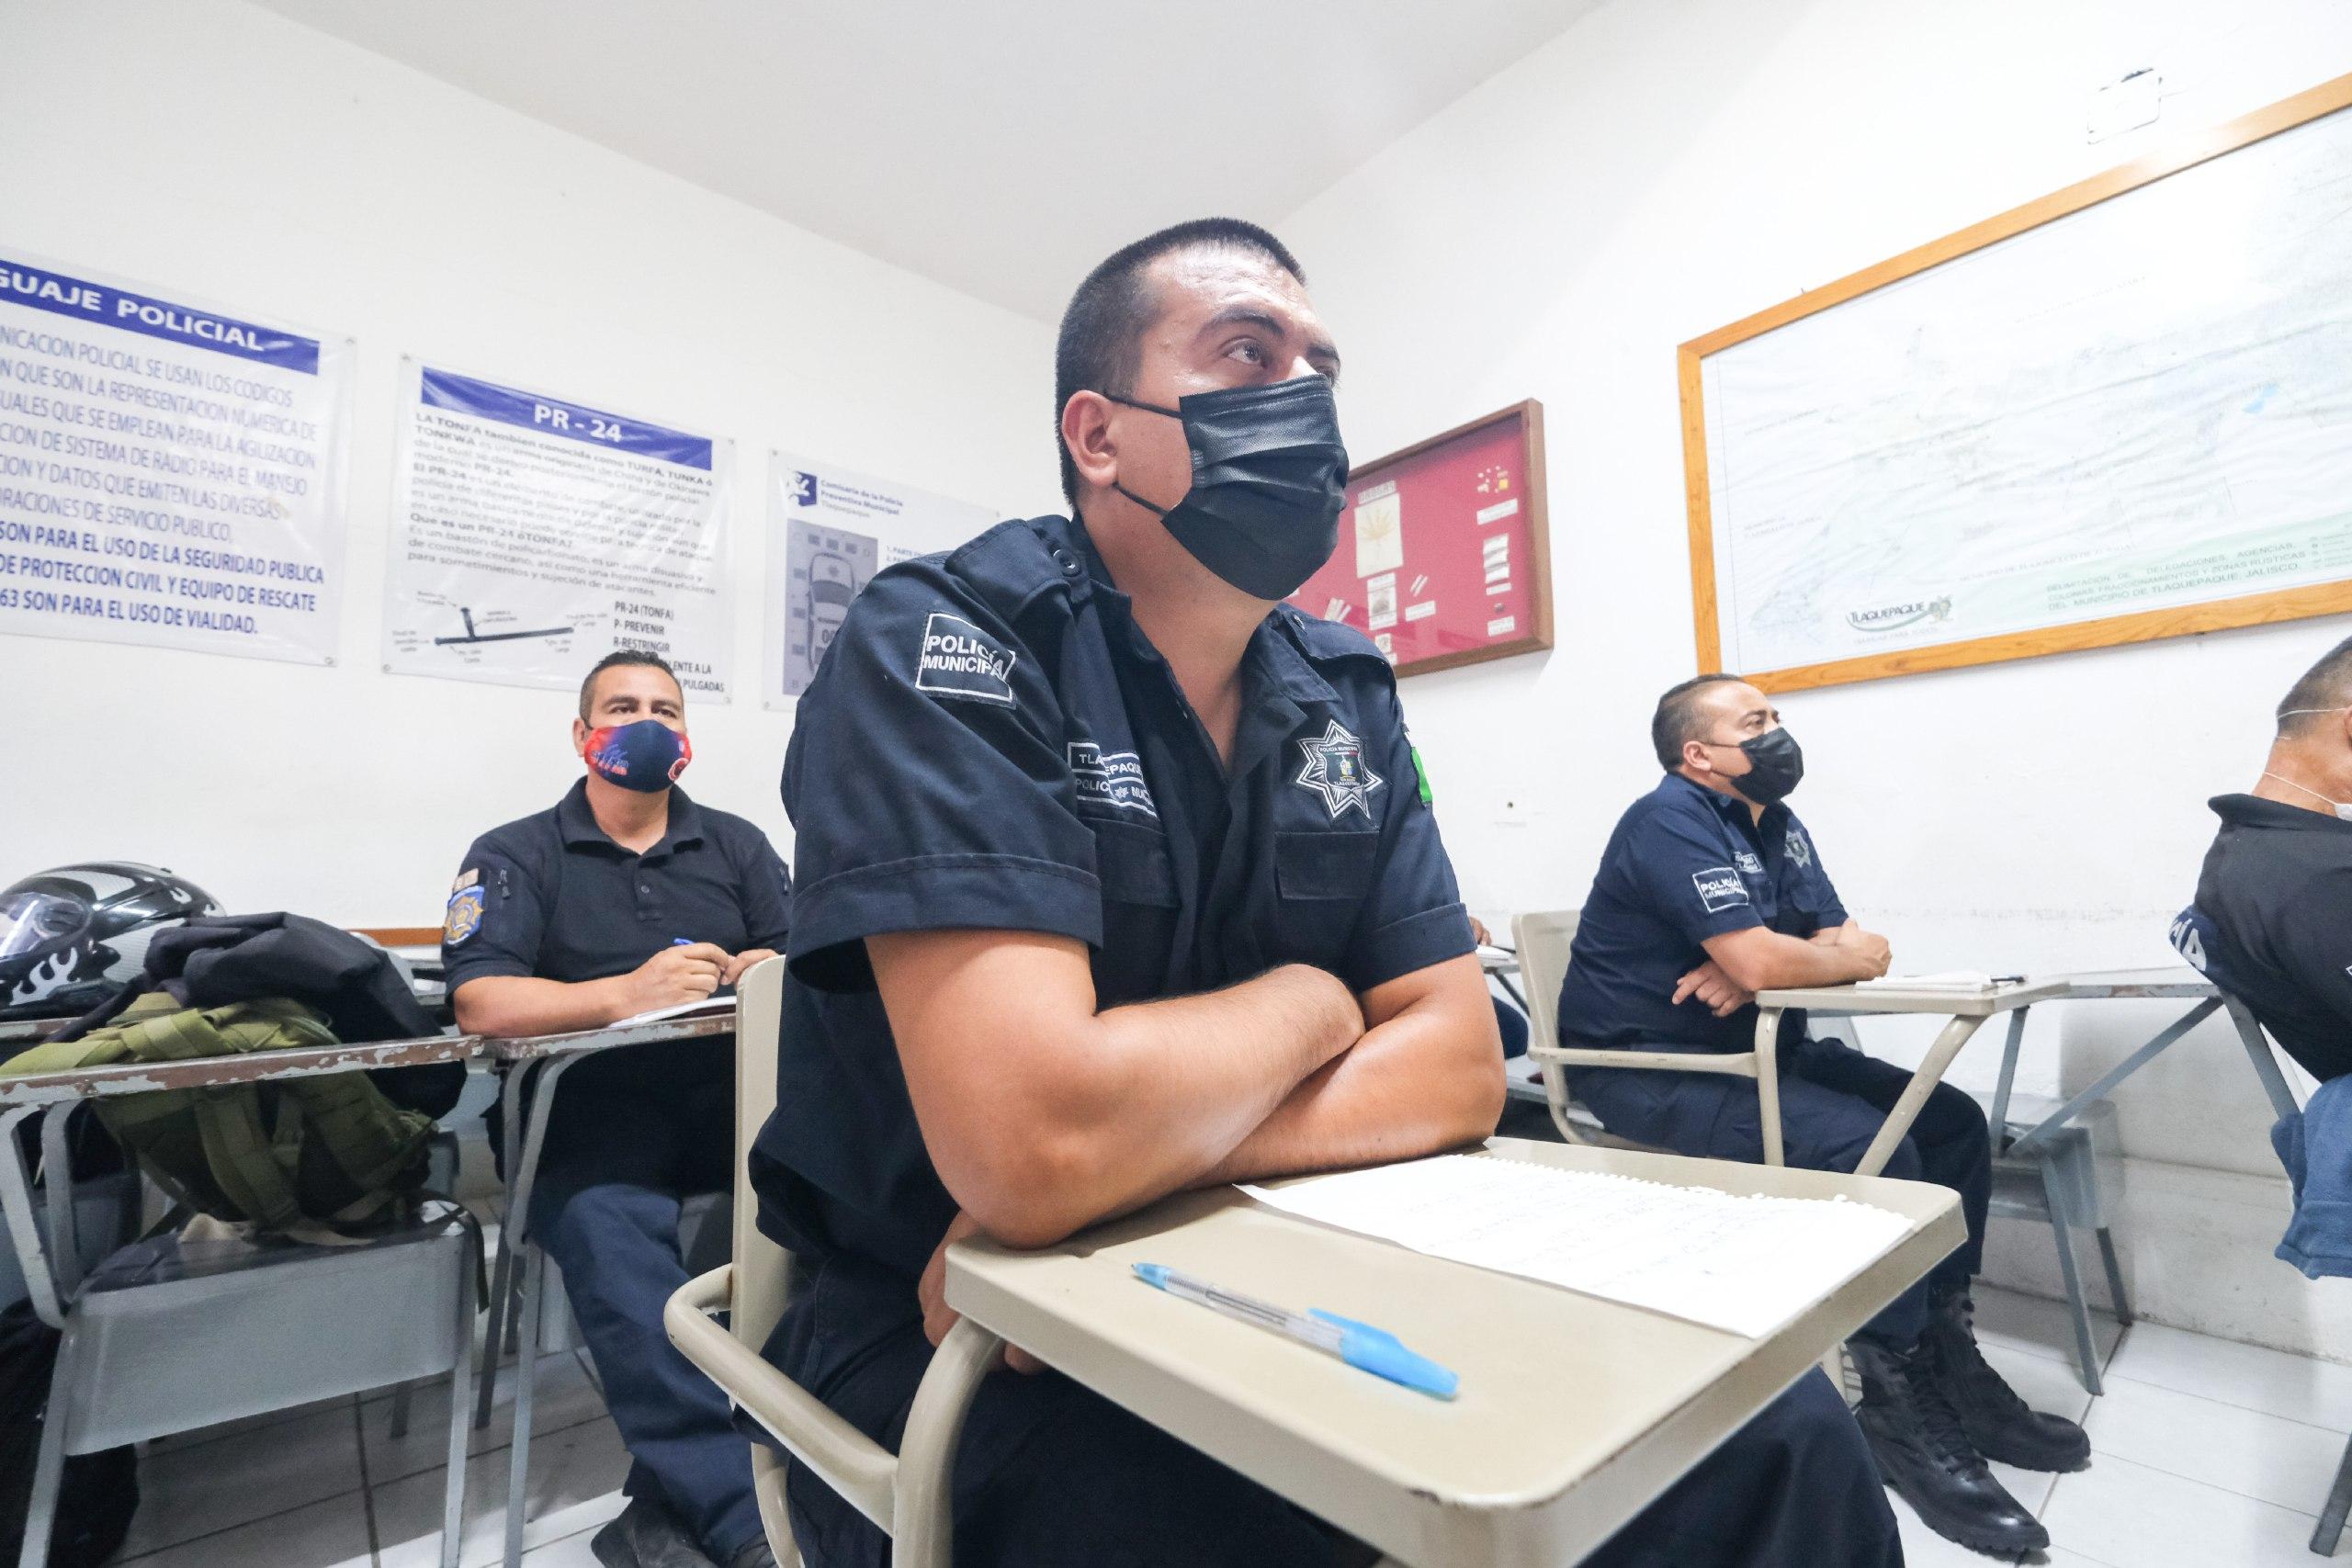 Concluye capacitación de grupos de búsqueda municipales en San Pedro Tlaquepaque y cuatro regiones del estado